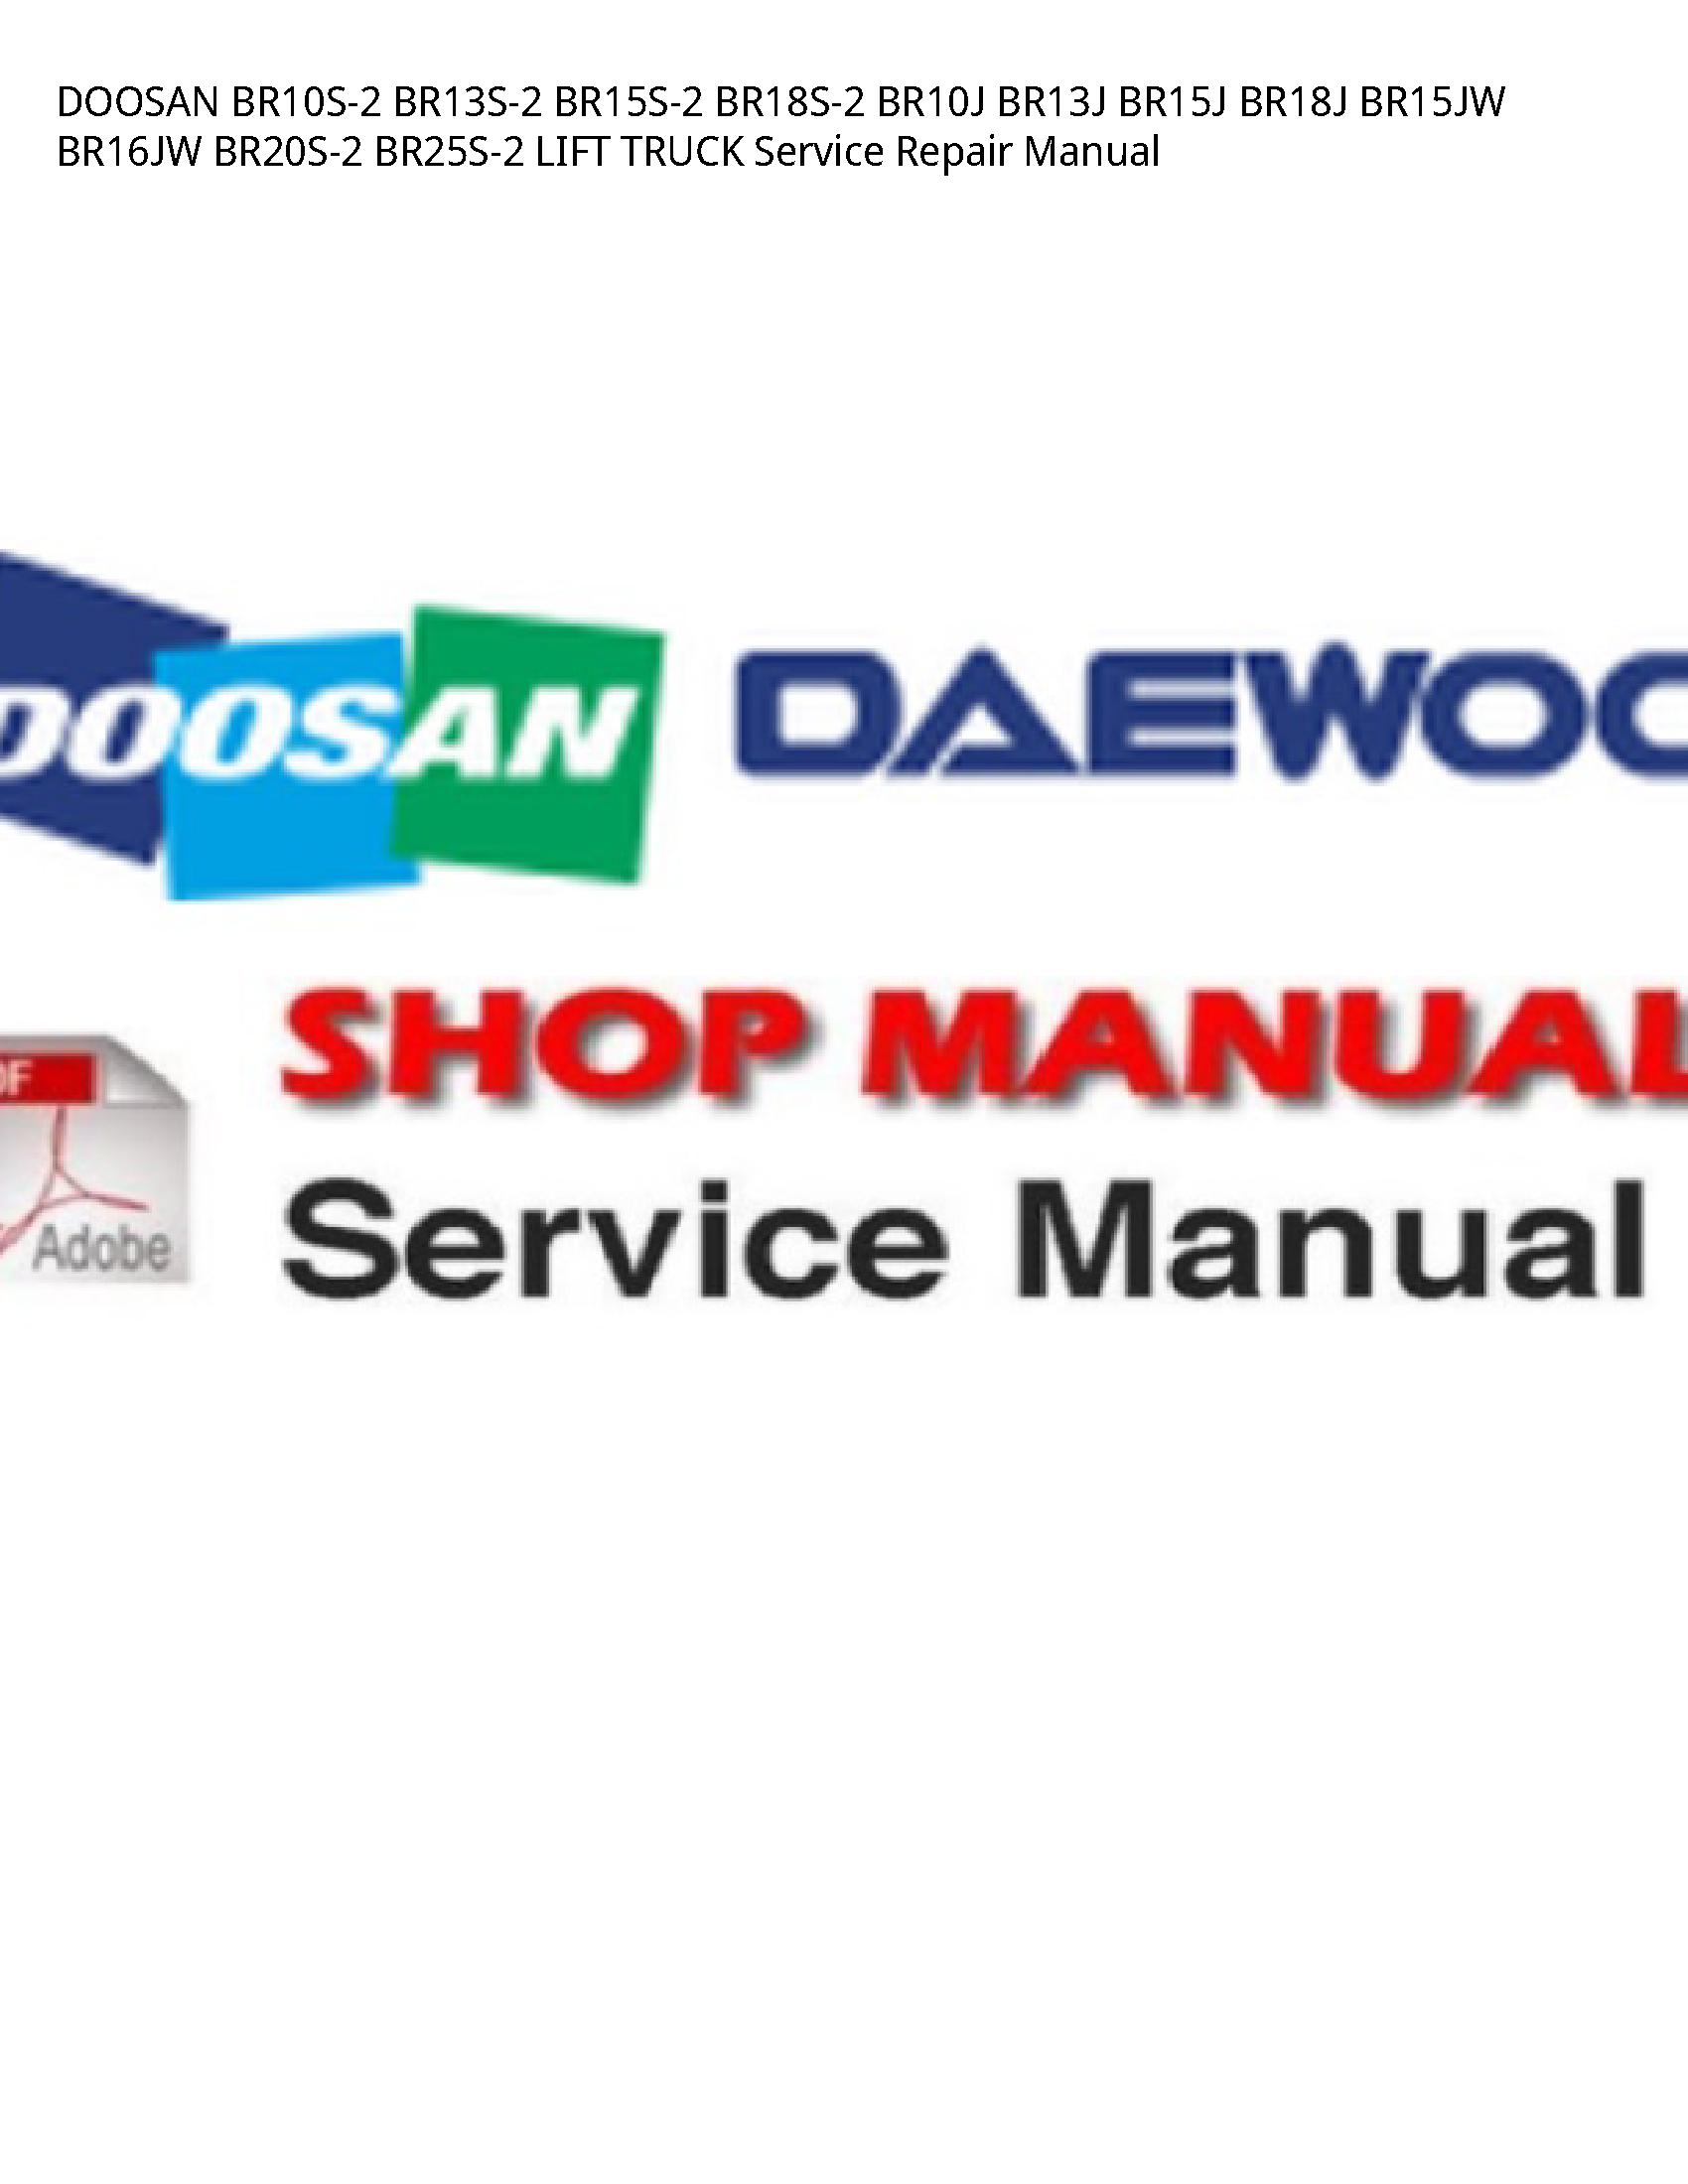 Doosan BR10S-2 LIFT TRUCK manual